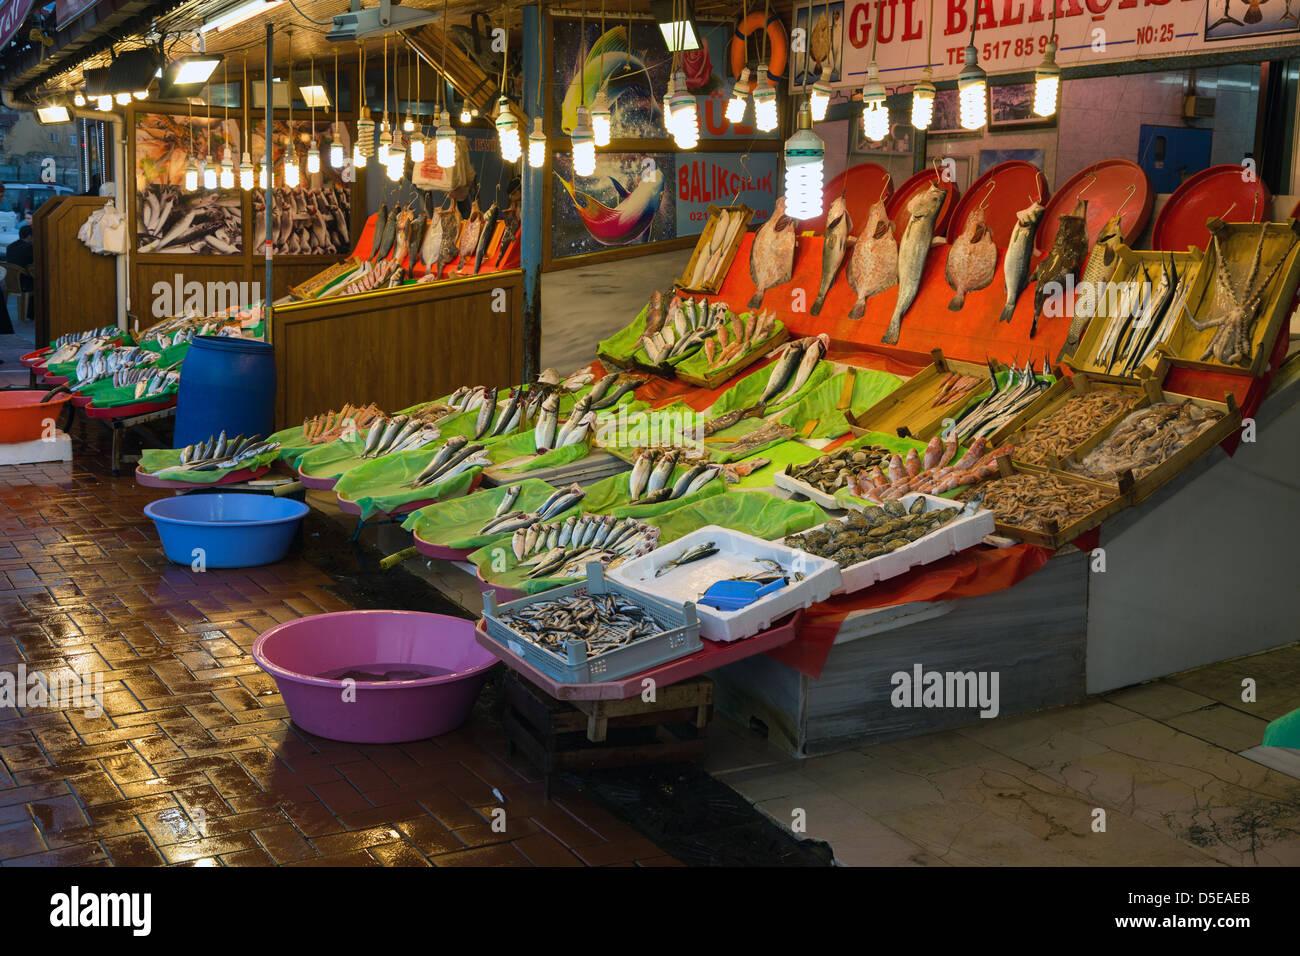 Fisch zum Verkauf am Fischmarkt, Istanbul, Türkei Stockbild